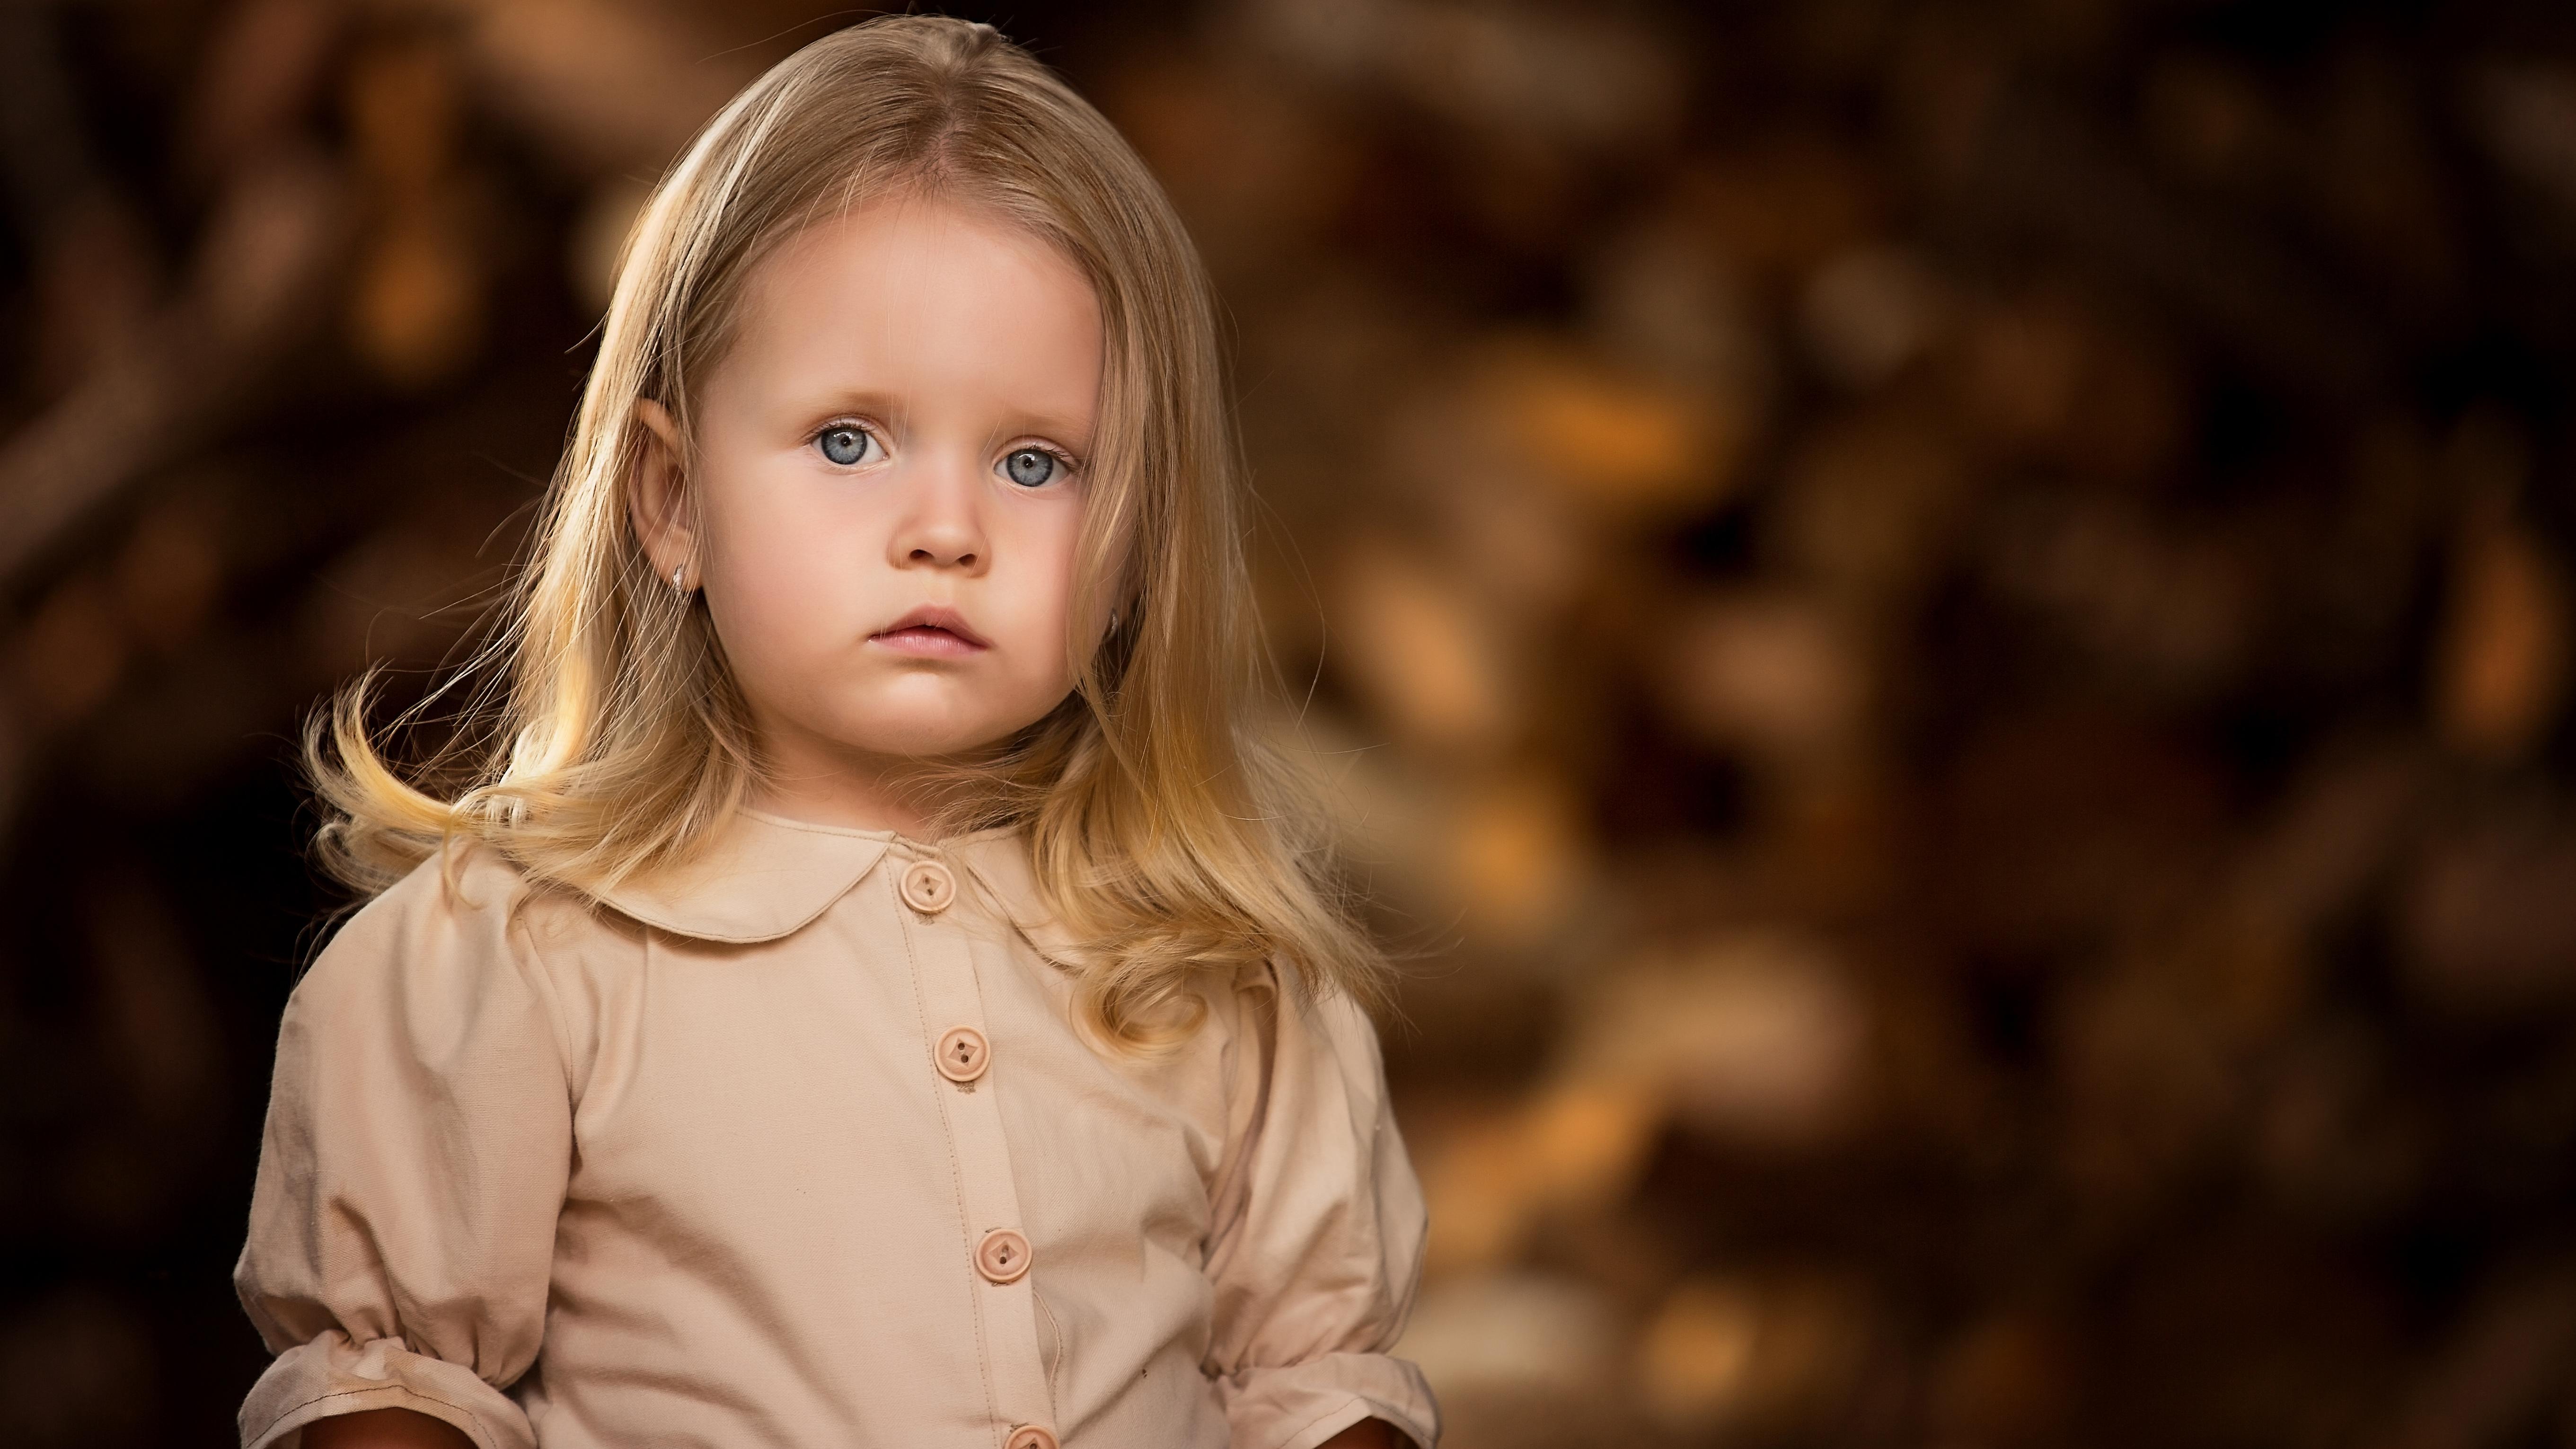 Wallpaper Cute kid, Girl, 5K, Cute, #8287